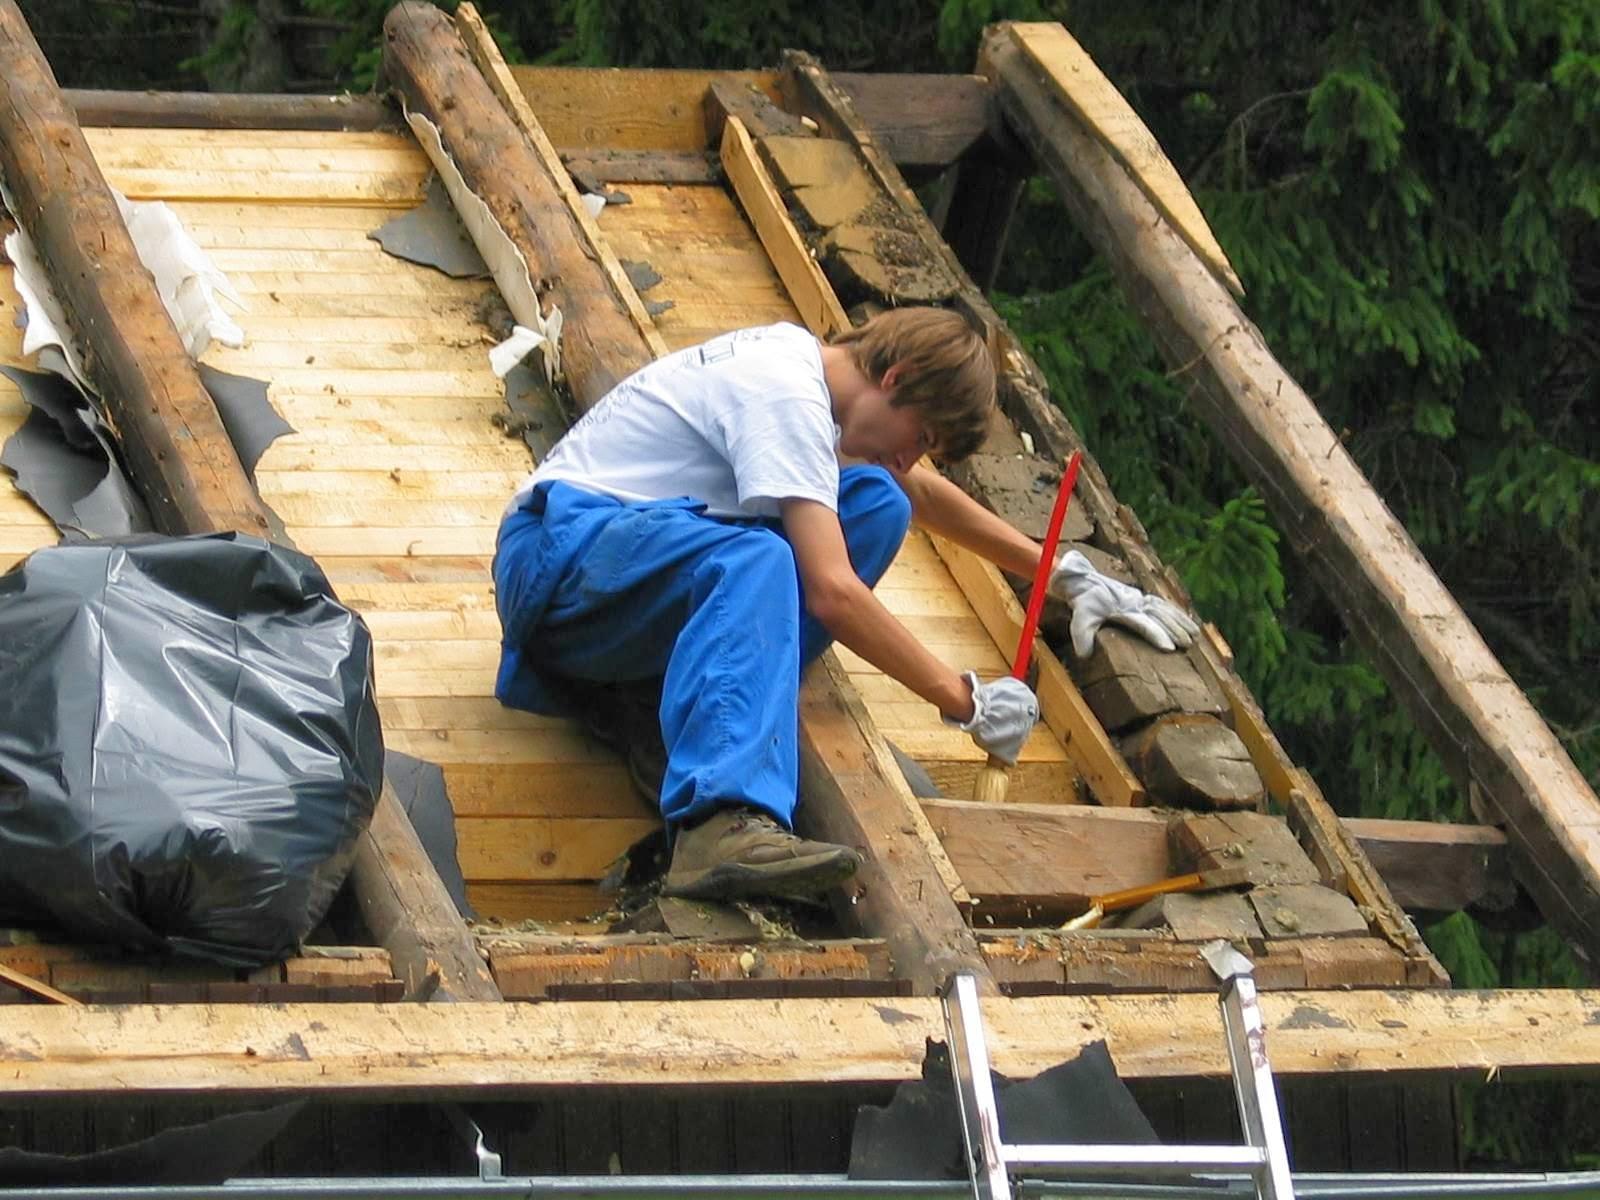 Delovna akcija - Streha, Črni dol 2006 - streha%2B107.jpg